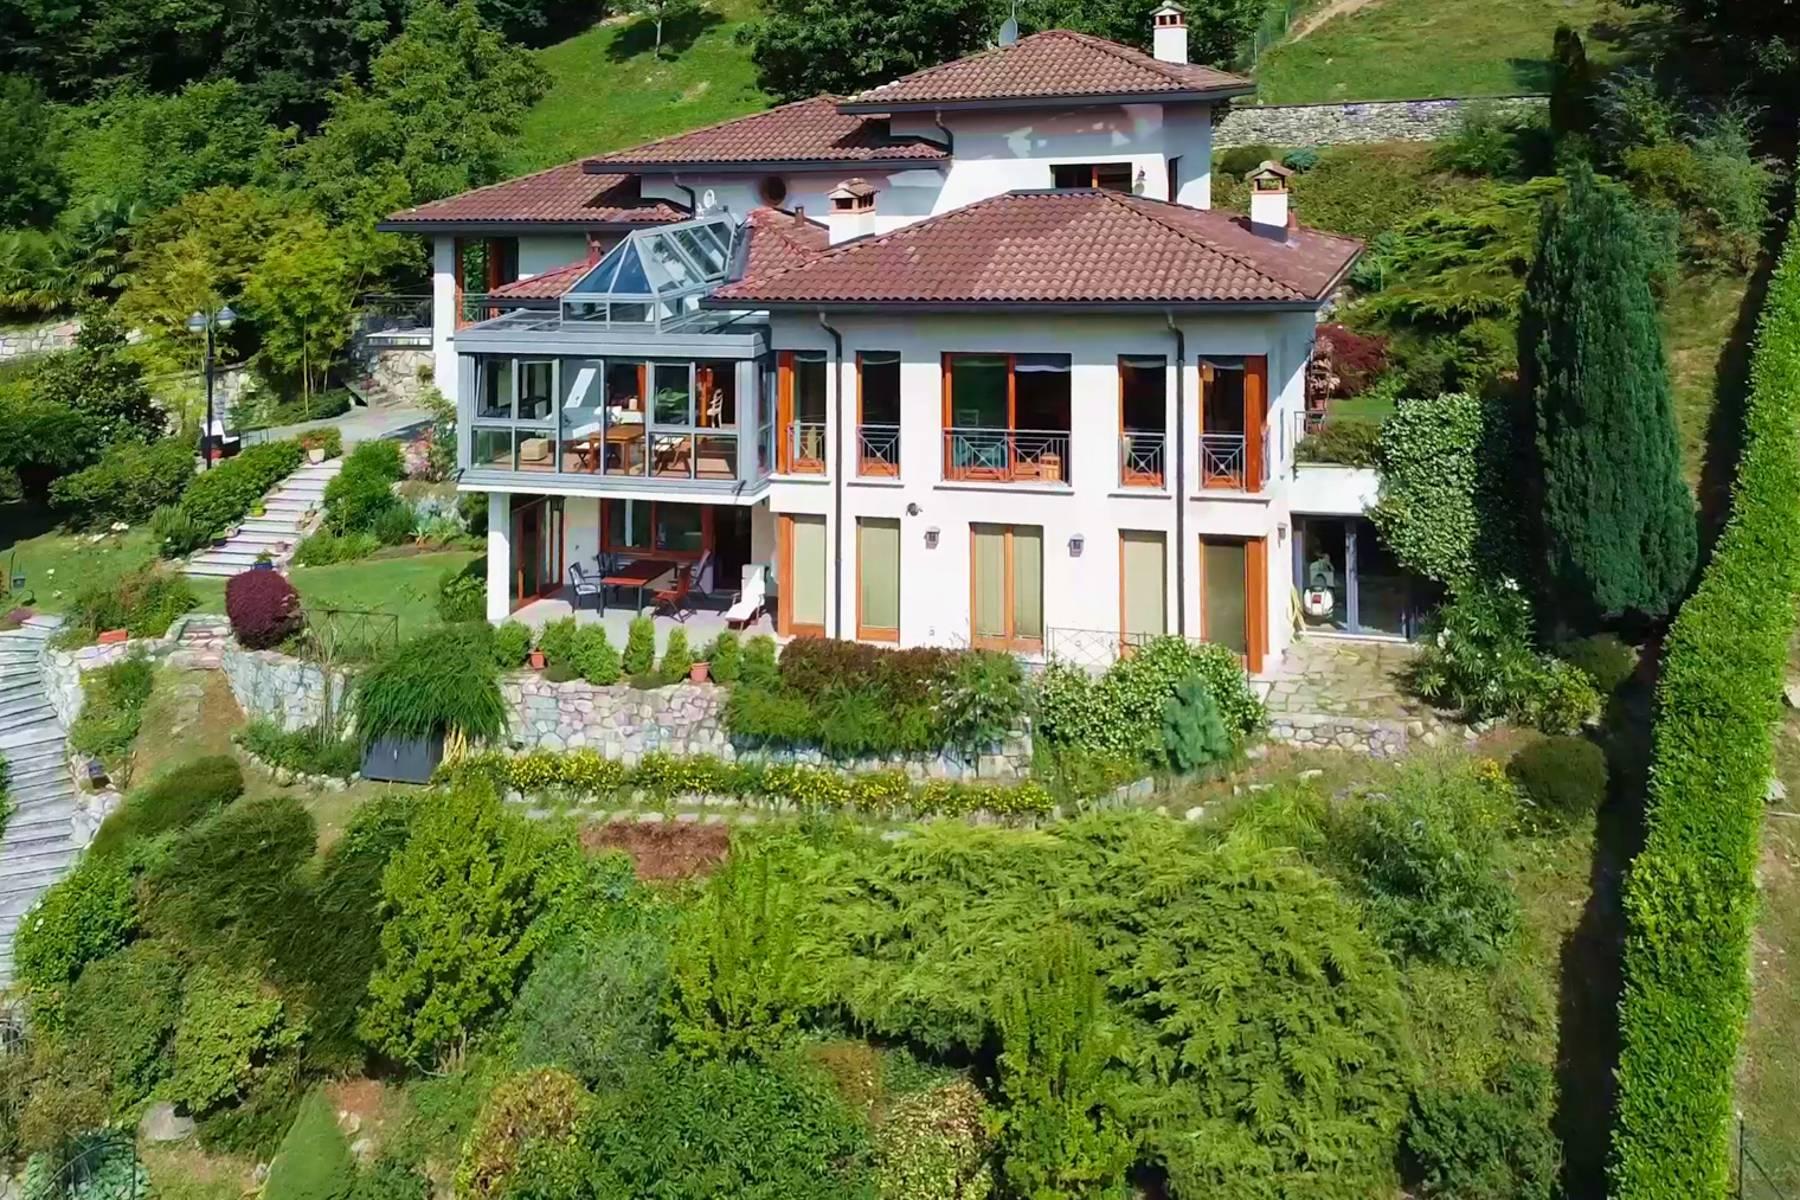 Villa in Vendita a Cerano D'Intelvi: 5 locali, 400 mq